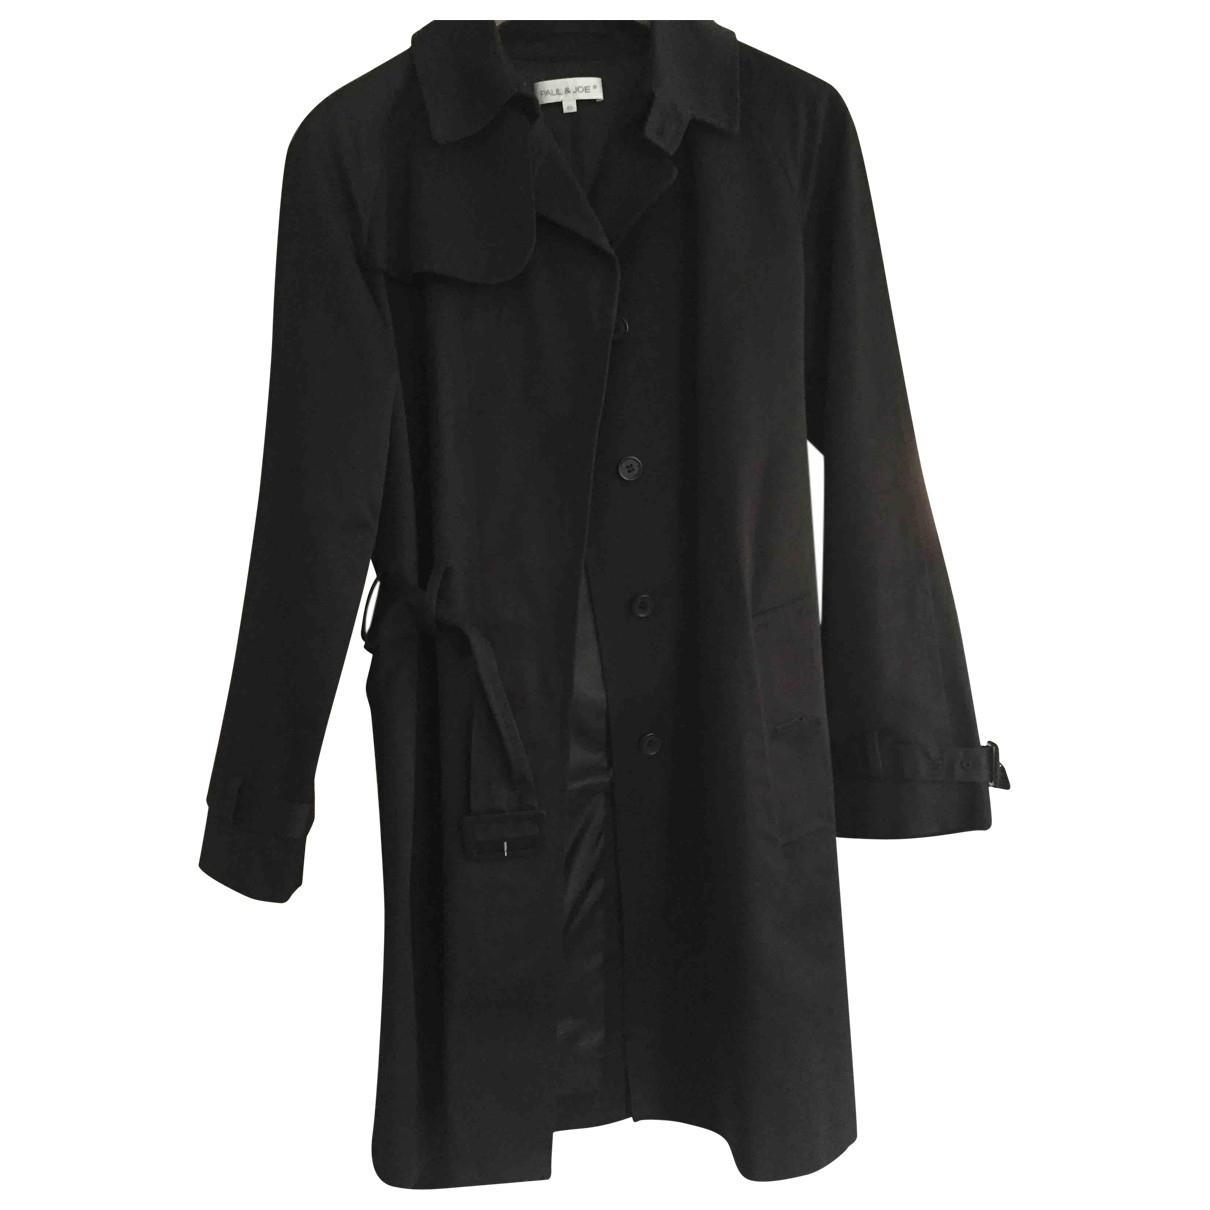 Paul & Joe \N Black Cotton Trench coat for Women 40 IT